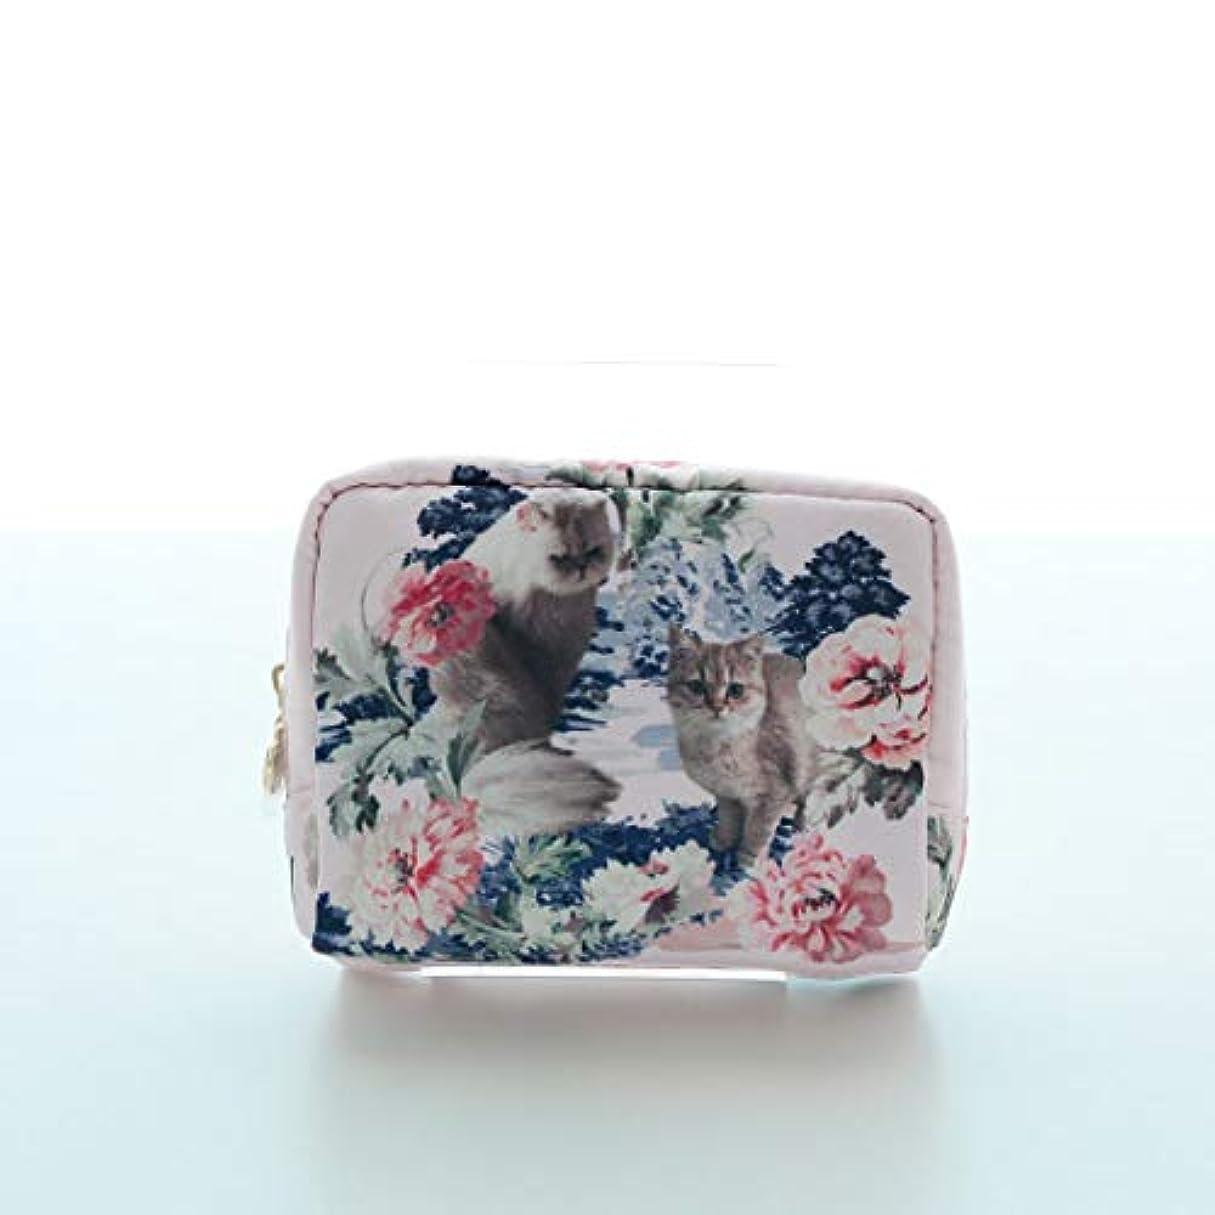 インシデントびっくりした笑ポール&ジョー レディース 化粧ポーチ (ピンク) 花柄 婦人 ポーチ ポールアンドジョー PAUL&JOE ACCESSOIRES 107501-9501-01